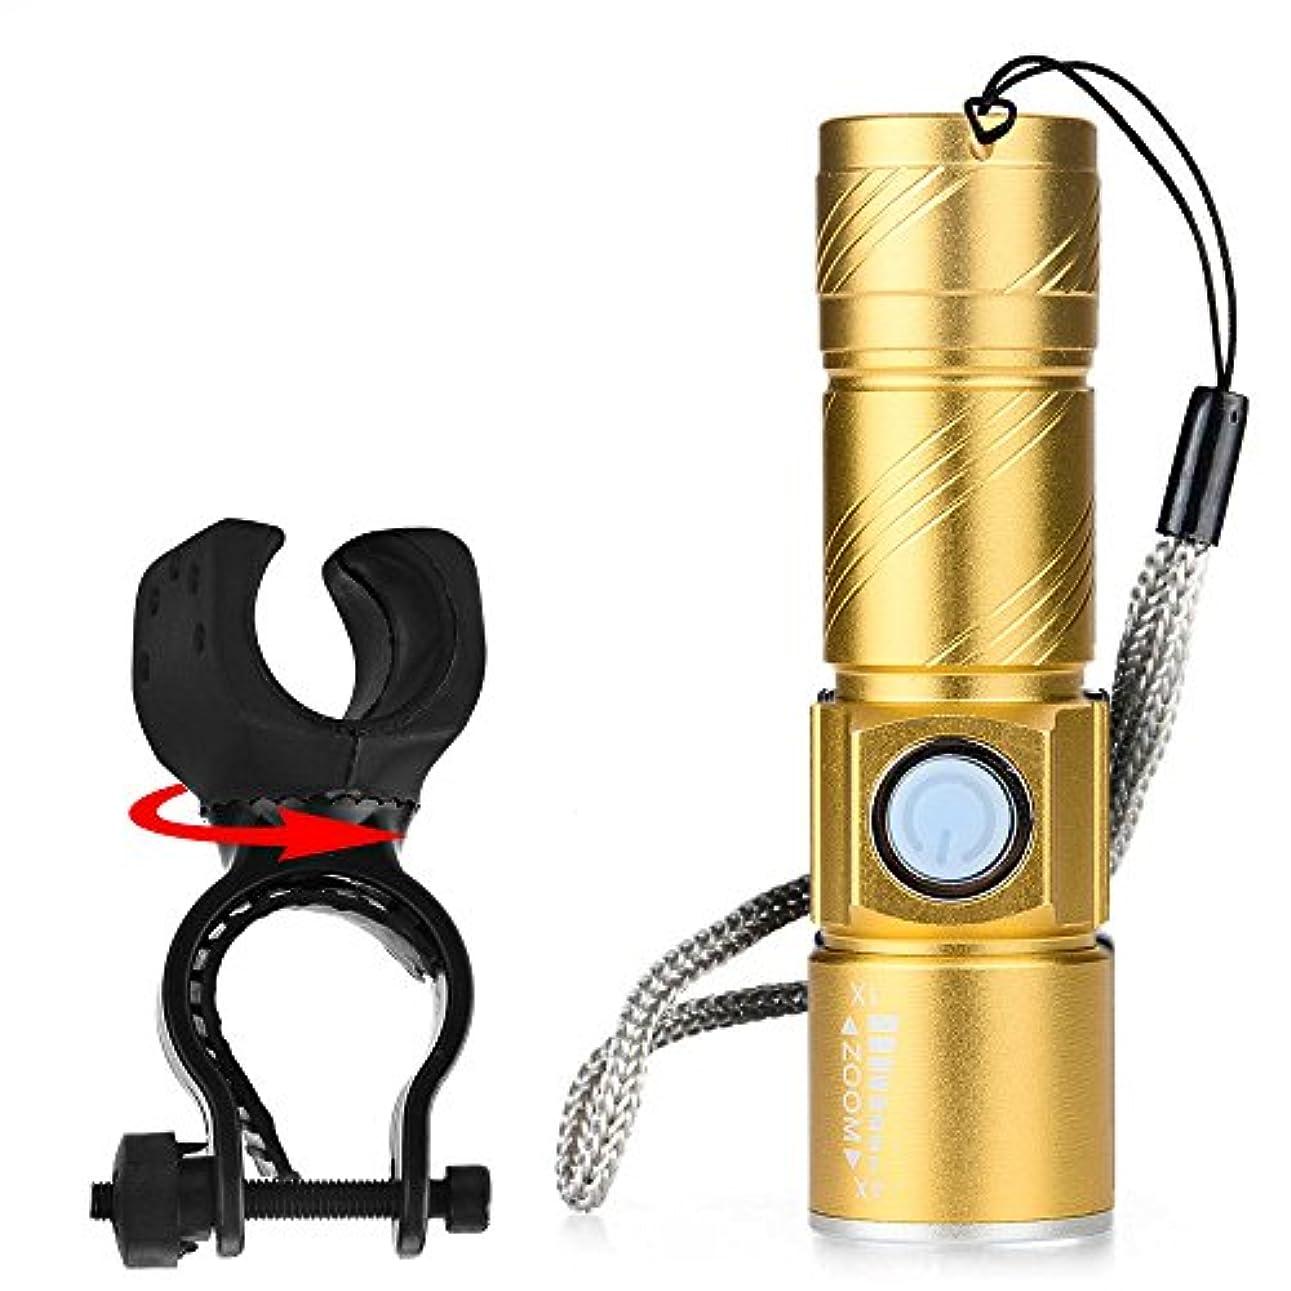 火山驚くばかり忌み嫌うRegoss (レジス) 懐中電灯 USB充電式 自転車懐中電灯1 XPG-R5 LED プロフェッショナル LED 自転車防水 +ホルダー 3モード アルミニウム合金 耐久性 ミニUSB充電、強い光 特徴COBは、 高輝度 省エネルギー 軽量で、使いやすく持ち運びが簡単です ストレート プラスチック 狩猟、サイクリング、登山、キャンプ、旅行、野外活動